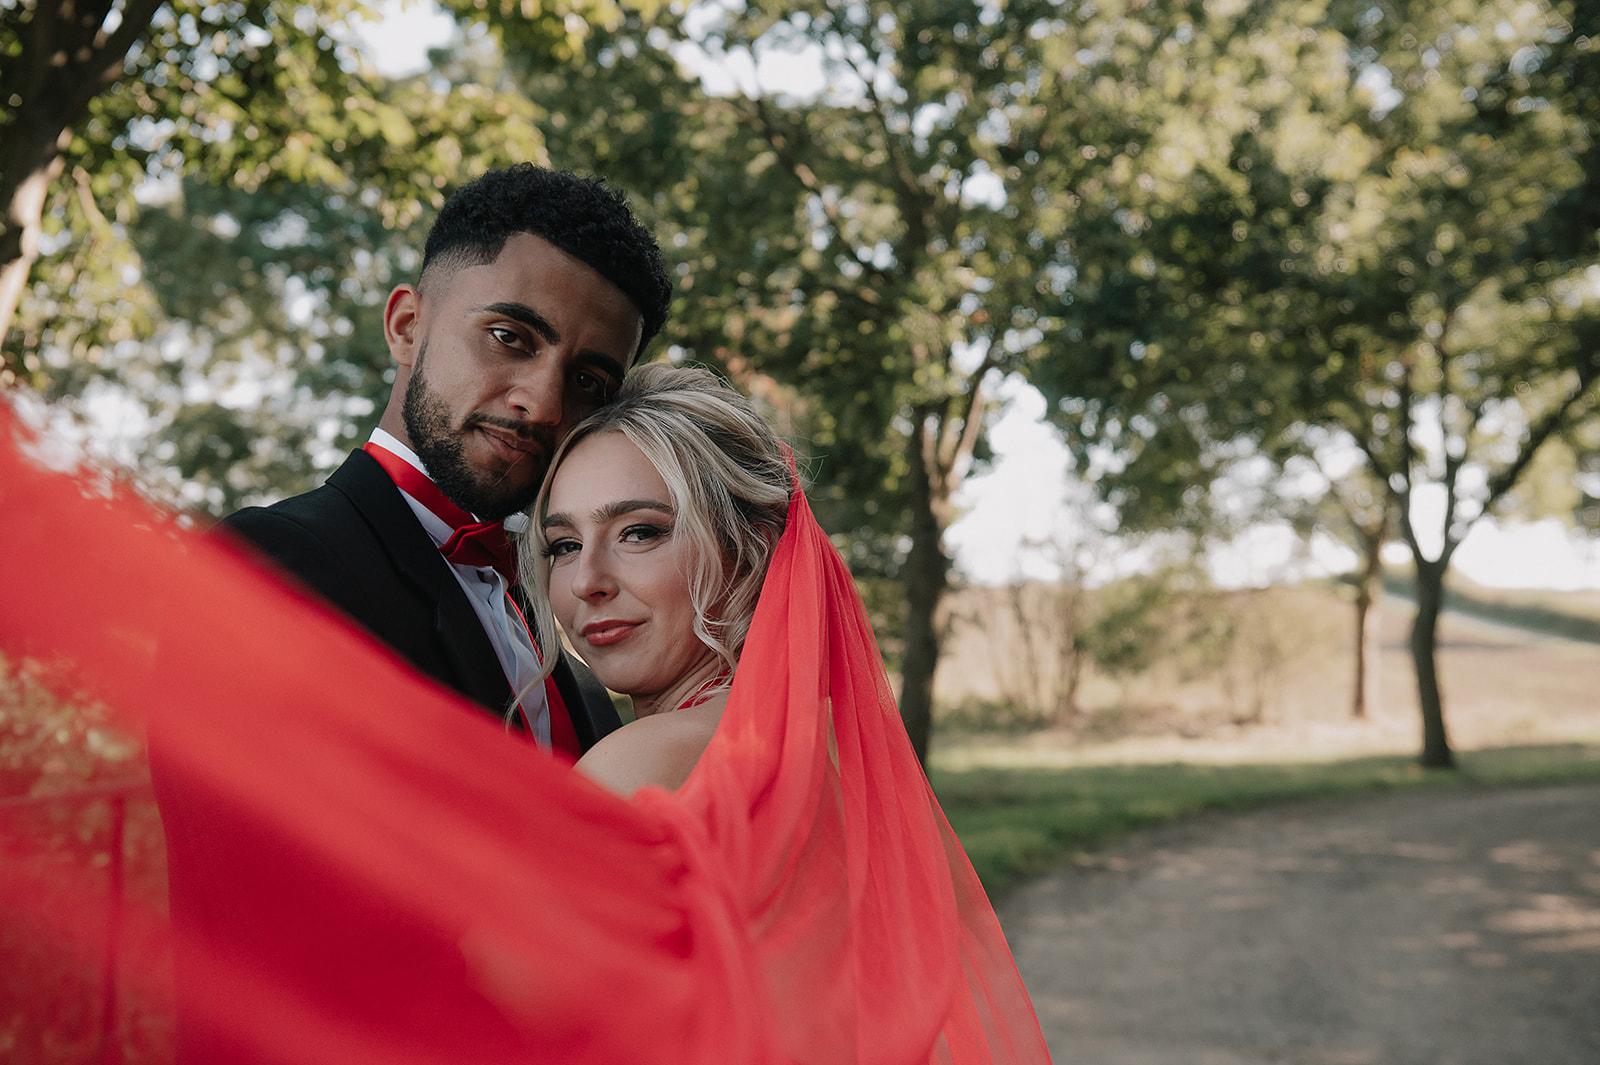 red wedding - forest elopement photoshoot - red wedding veil - red bowtie - red wedding colour scheme